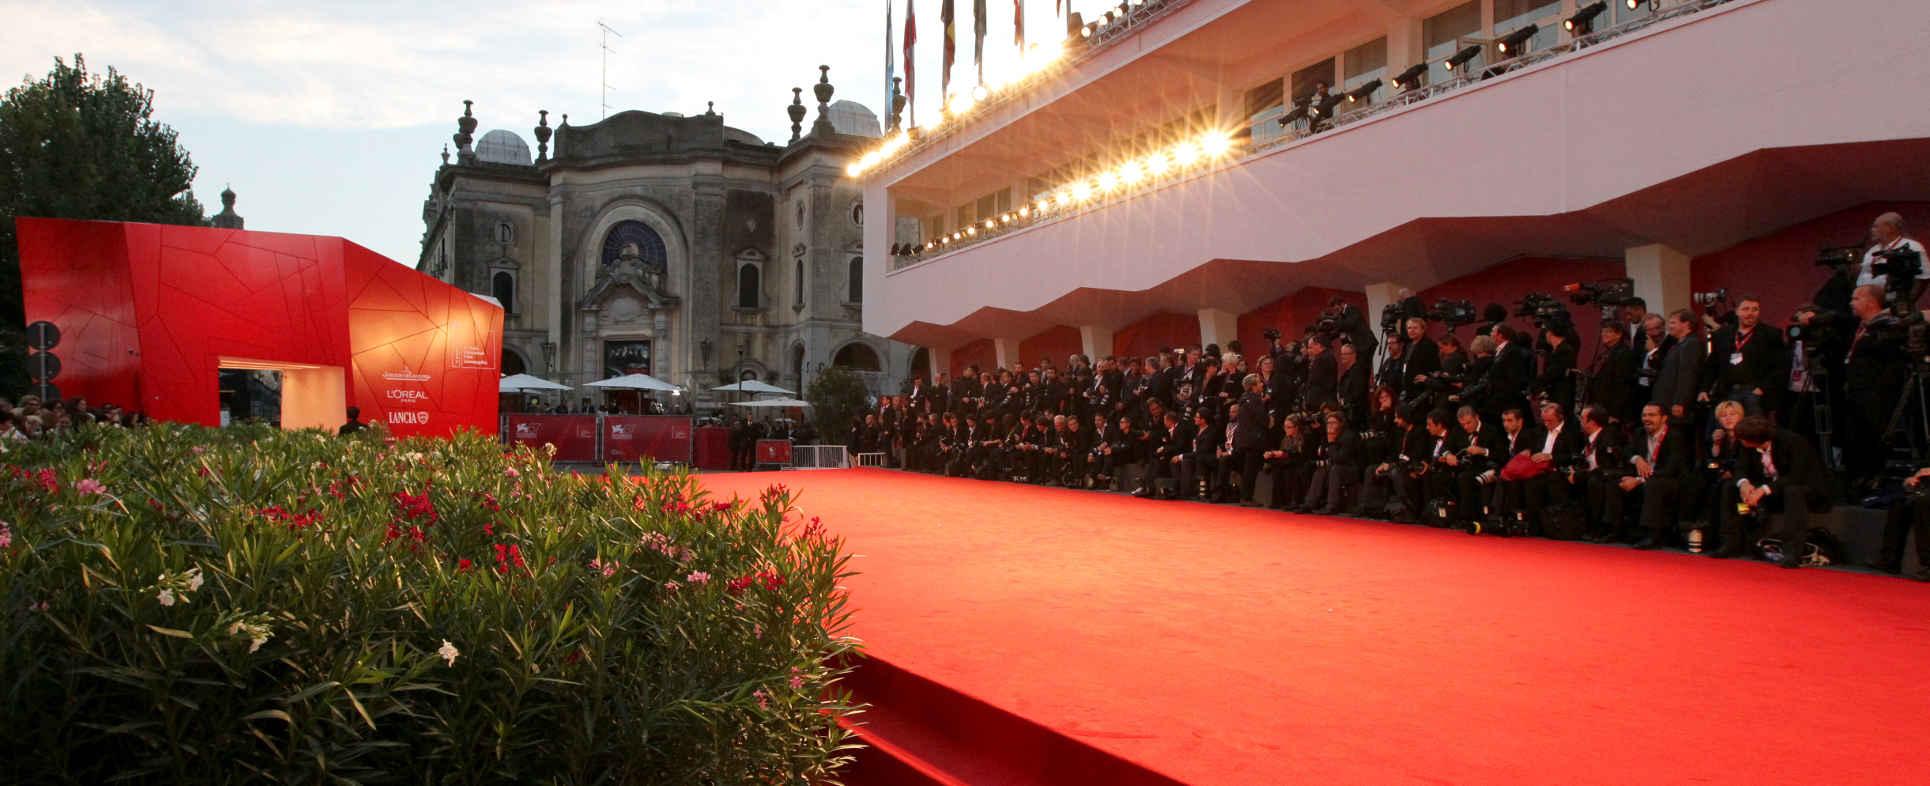 venice film festival in lido